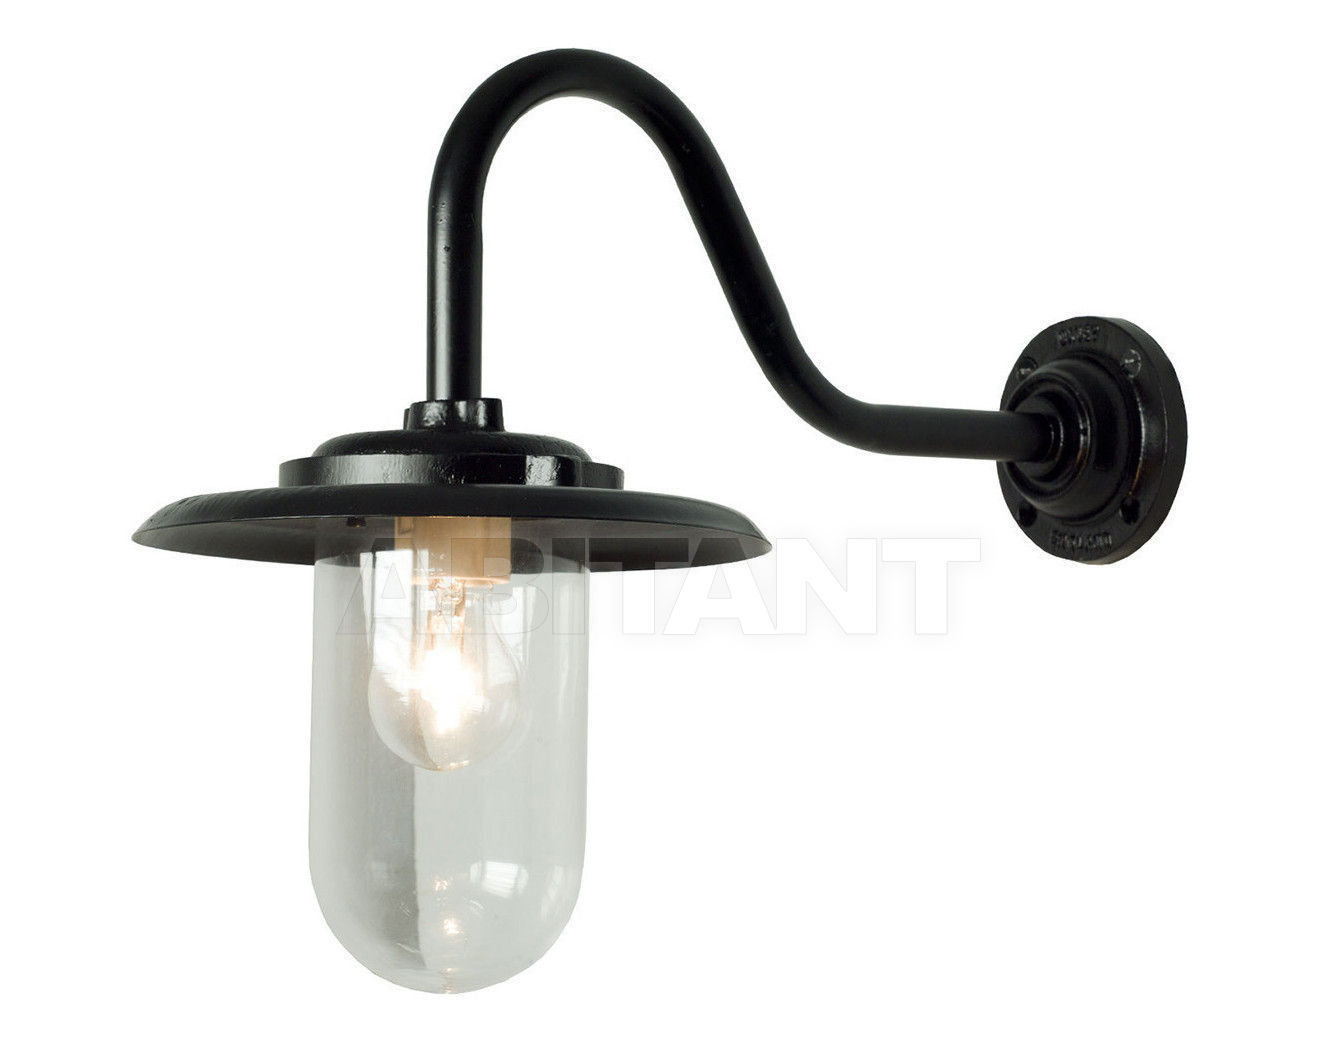 Купить Фонарь Davey Lighting Wall Mounted Lights 7677/BL/100C/S